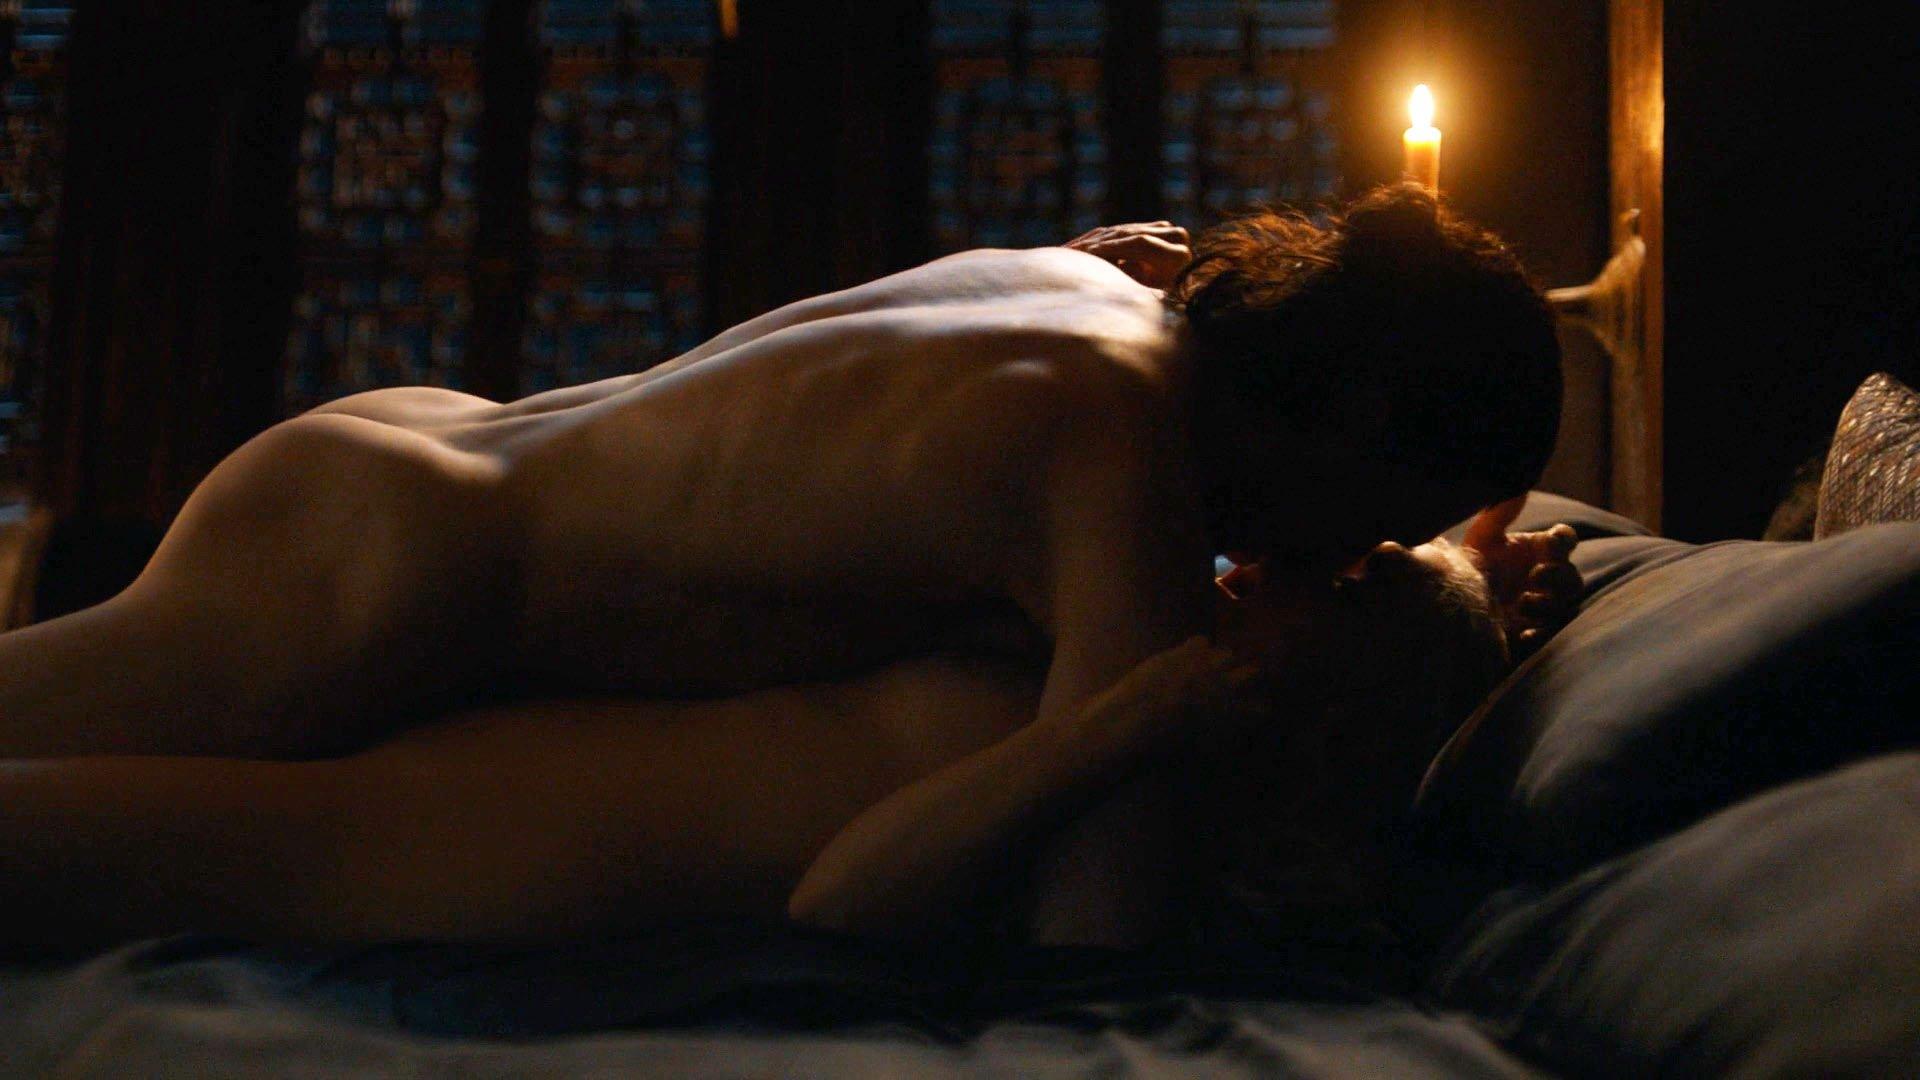 Game of thrones best sex